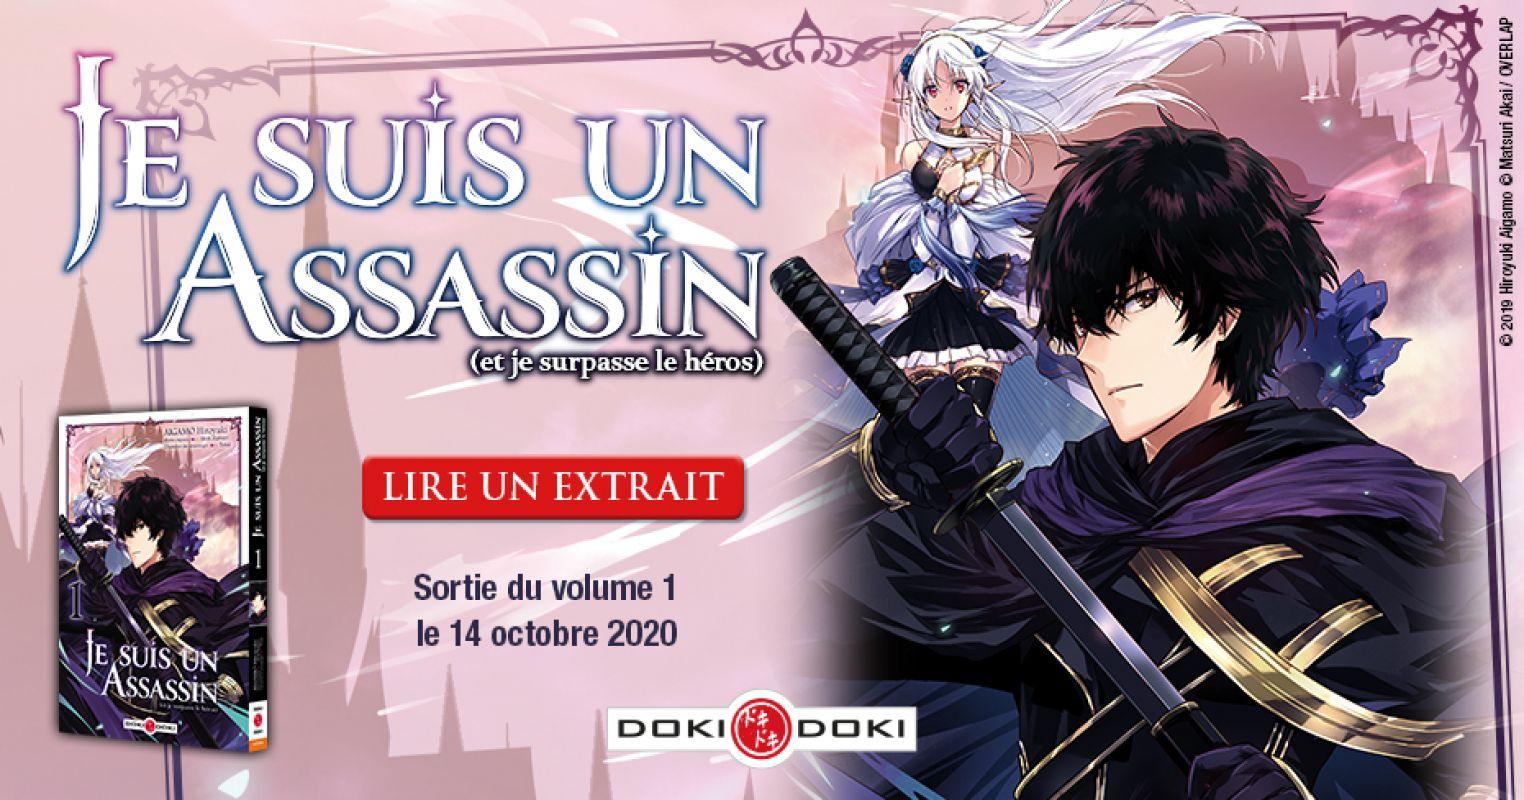 Découvrez les premières pages du manga Je Suis un Assassin (et Je Surpasse le Héros) !